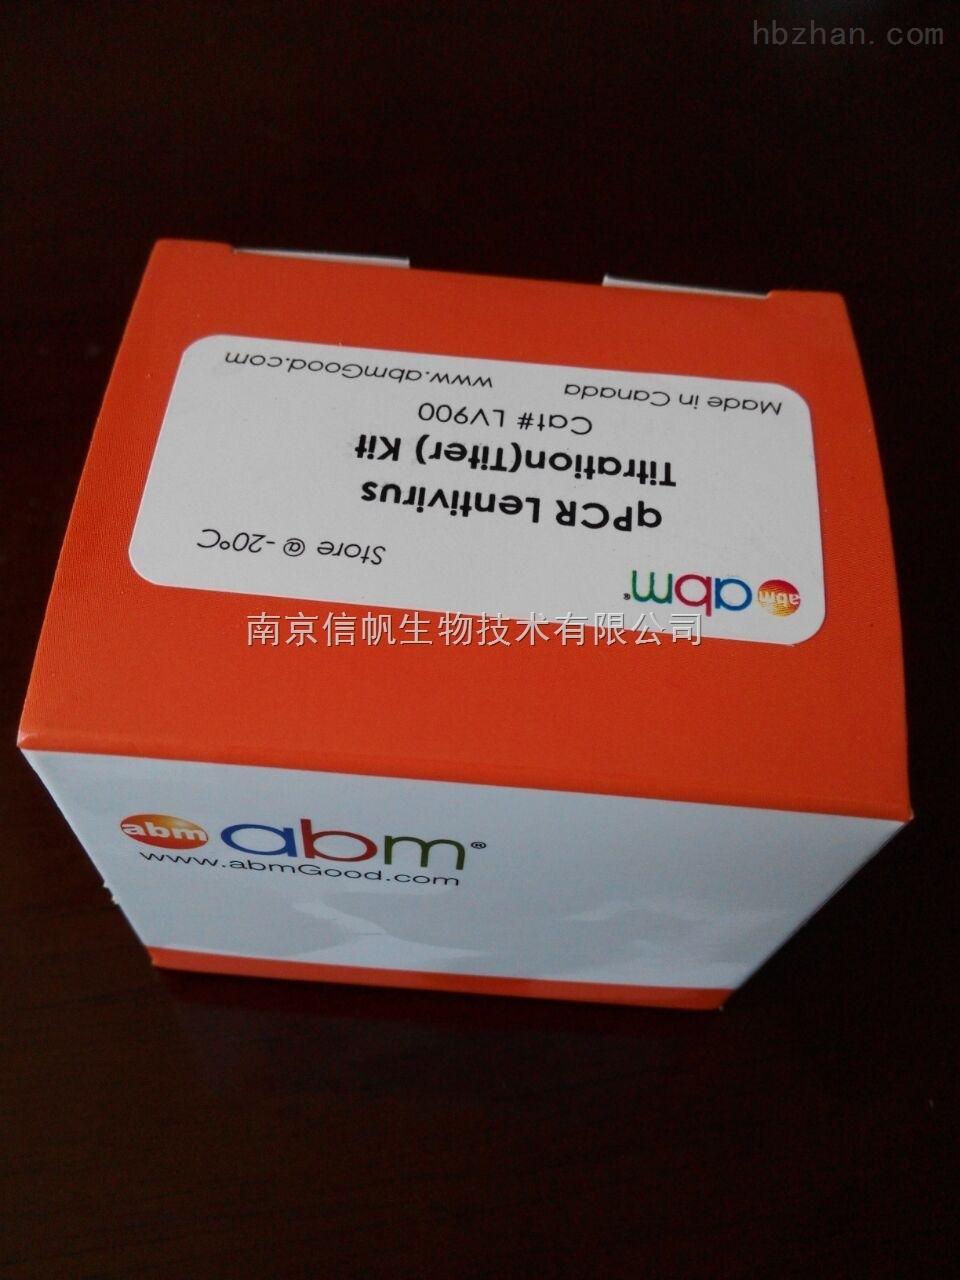 血镁浓度试剂盒